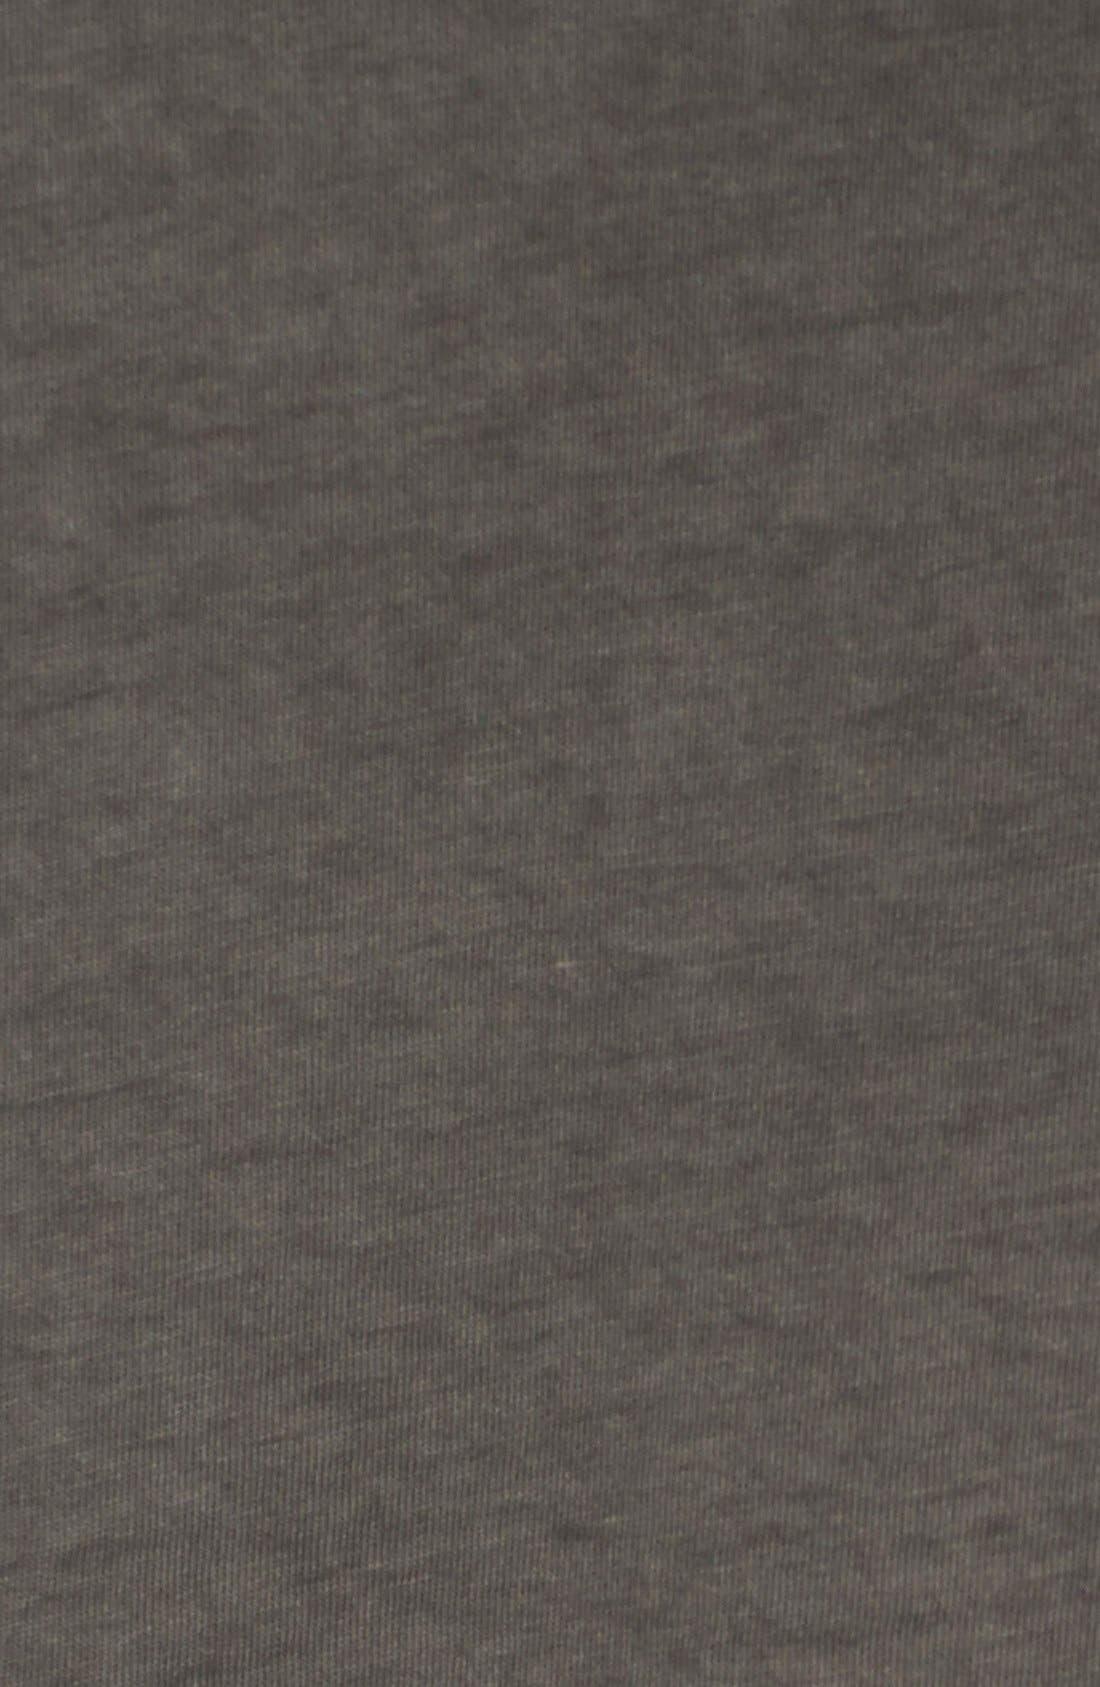 URBAN CAMO BRIGADE,                             Wide V-Neck T-Shirt,                             Alternate thumbnail 2, color,                             001